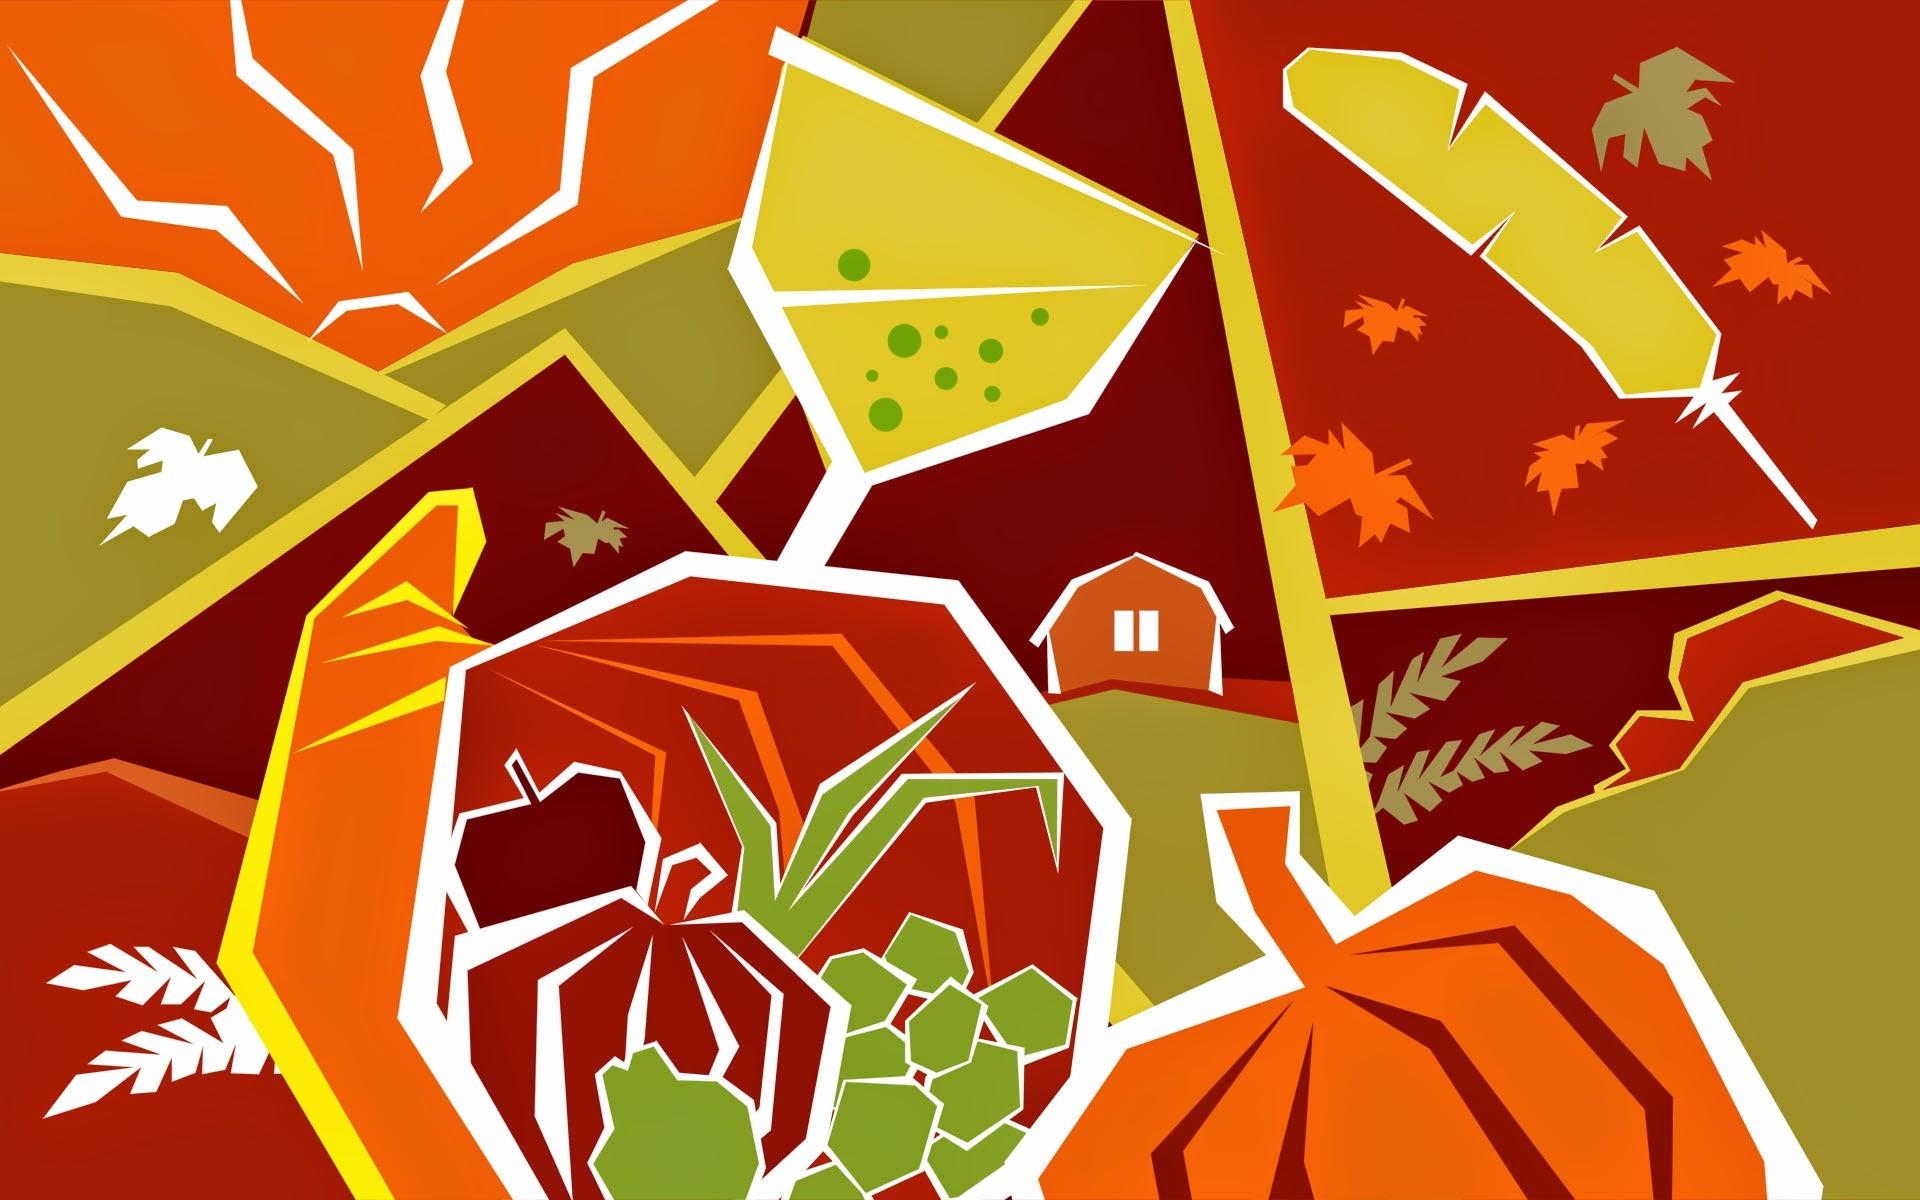 3d Thanksgiving Hd Photos Desktop Wallpapers High Definition - Cool Thanksgiving Backgrounds Desktop - HD Wallpaper